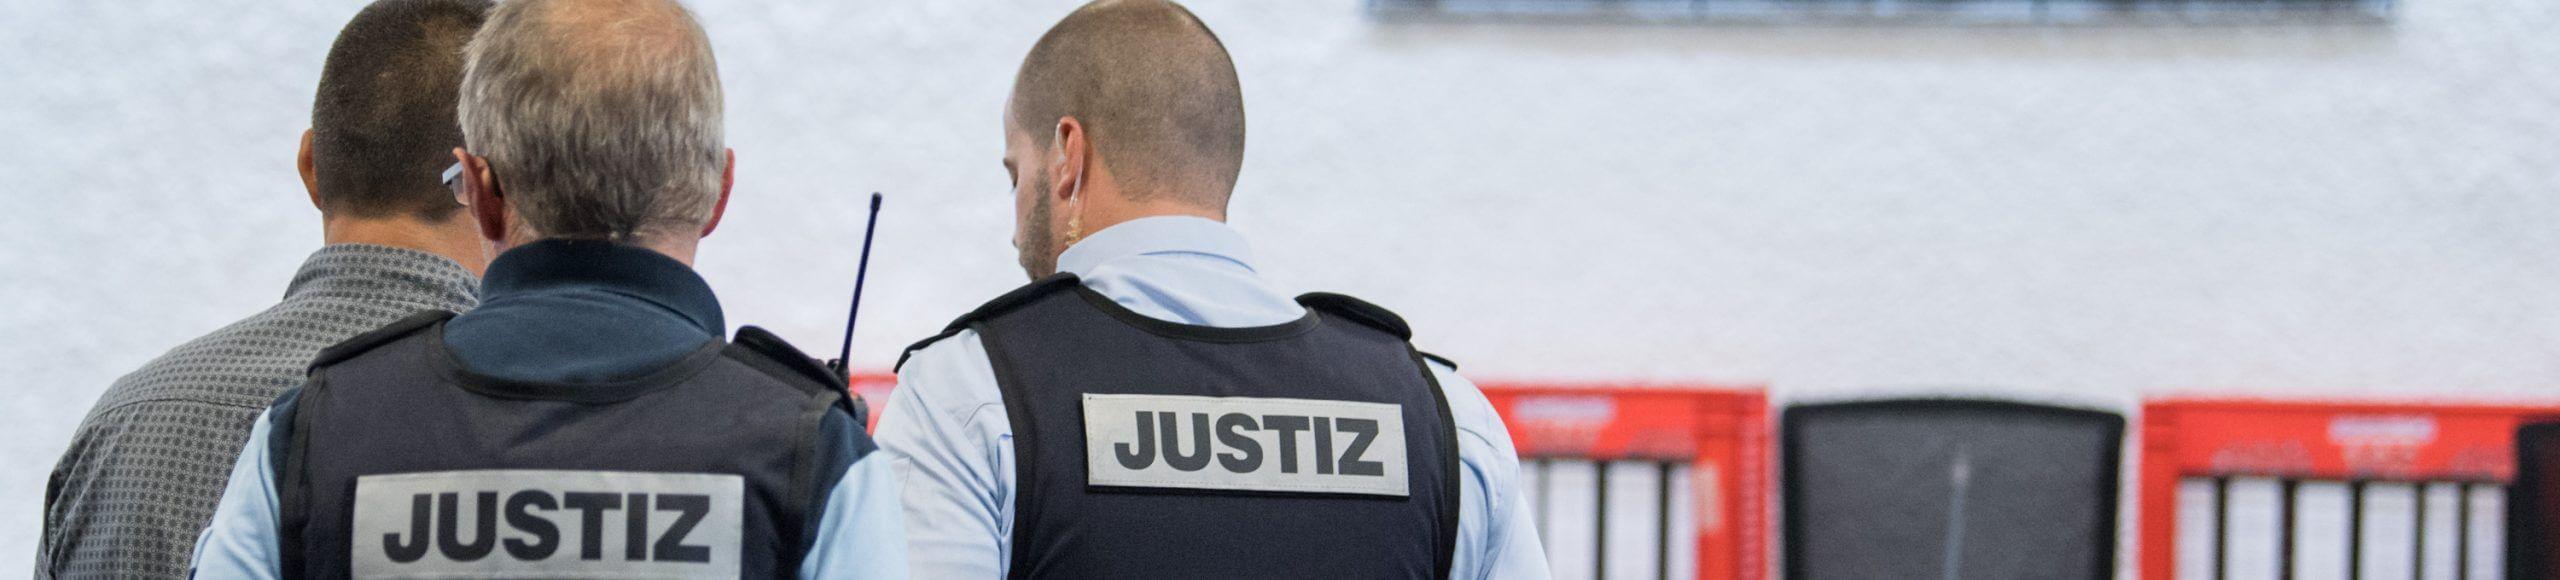 Justiz Recht Innere Sicherheit